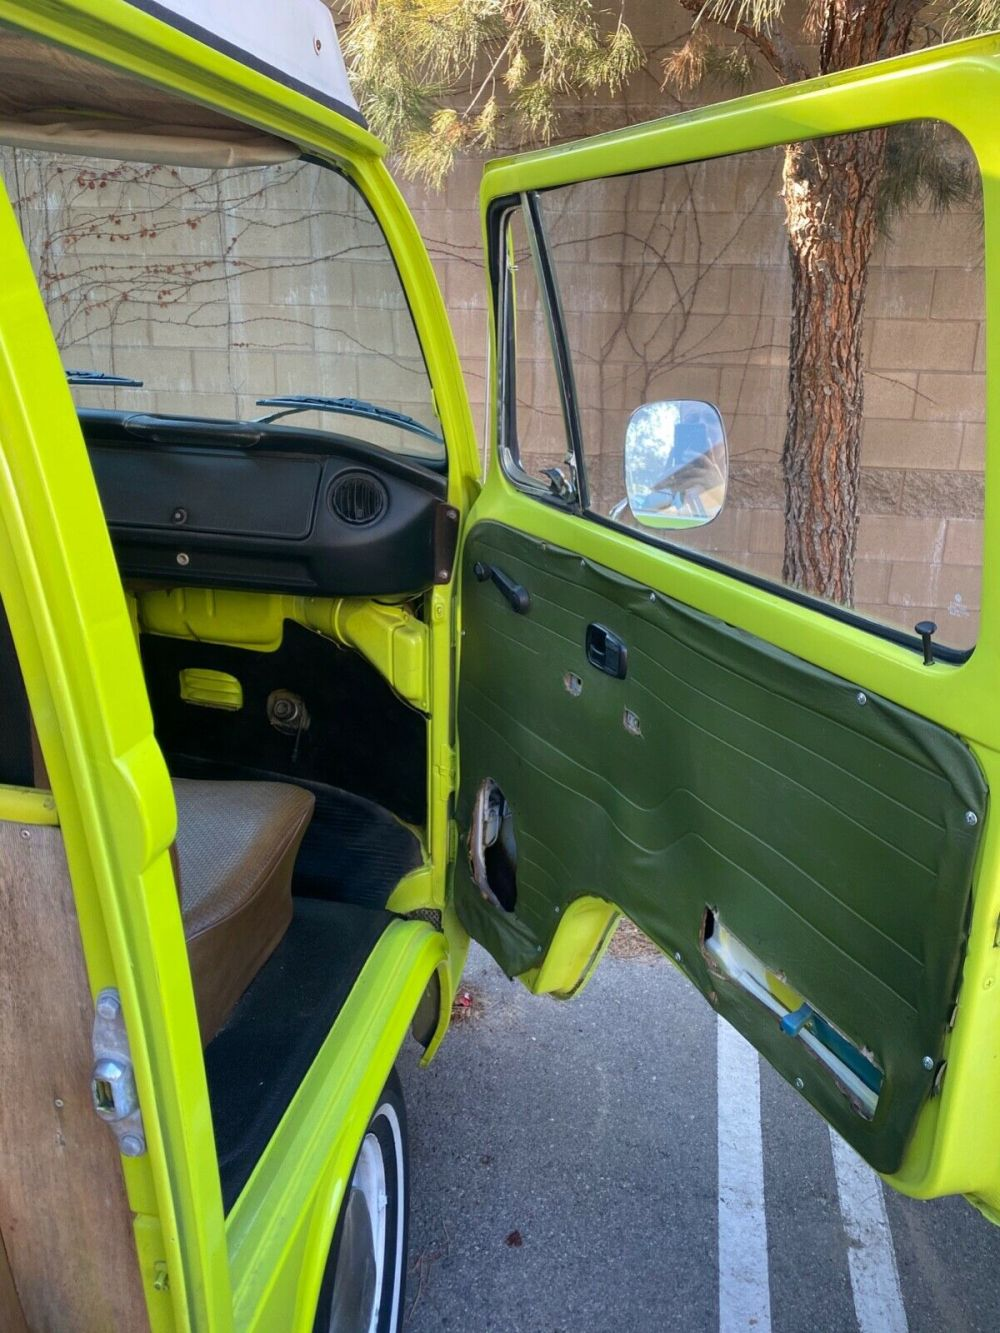 1975 Volkswagen Westfalia Camper Bus - Classic 1975 Volkswagen Bus